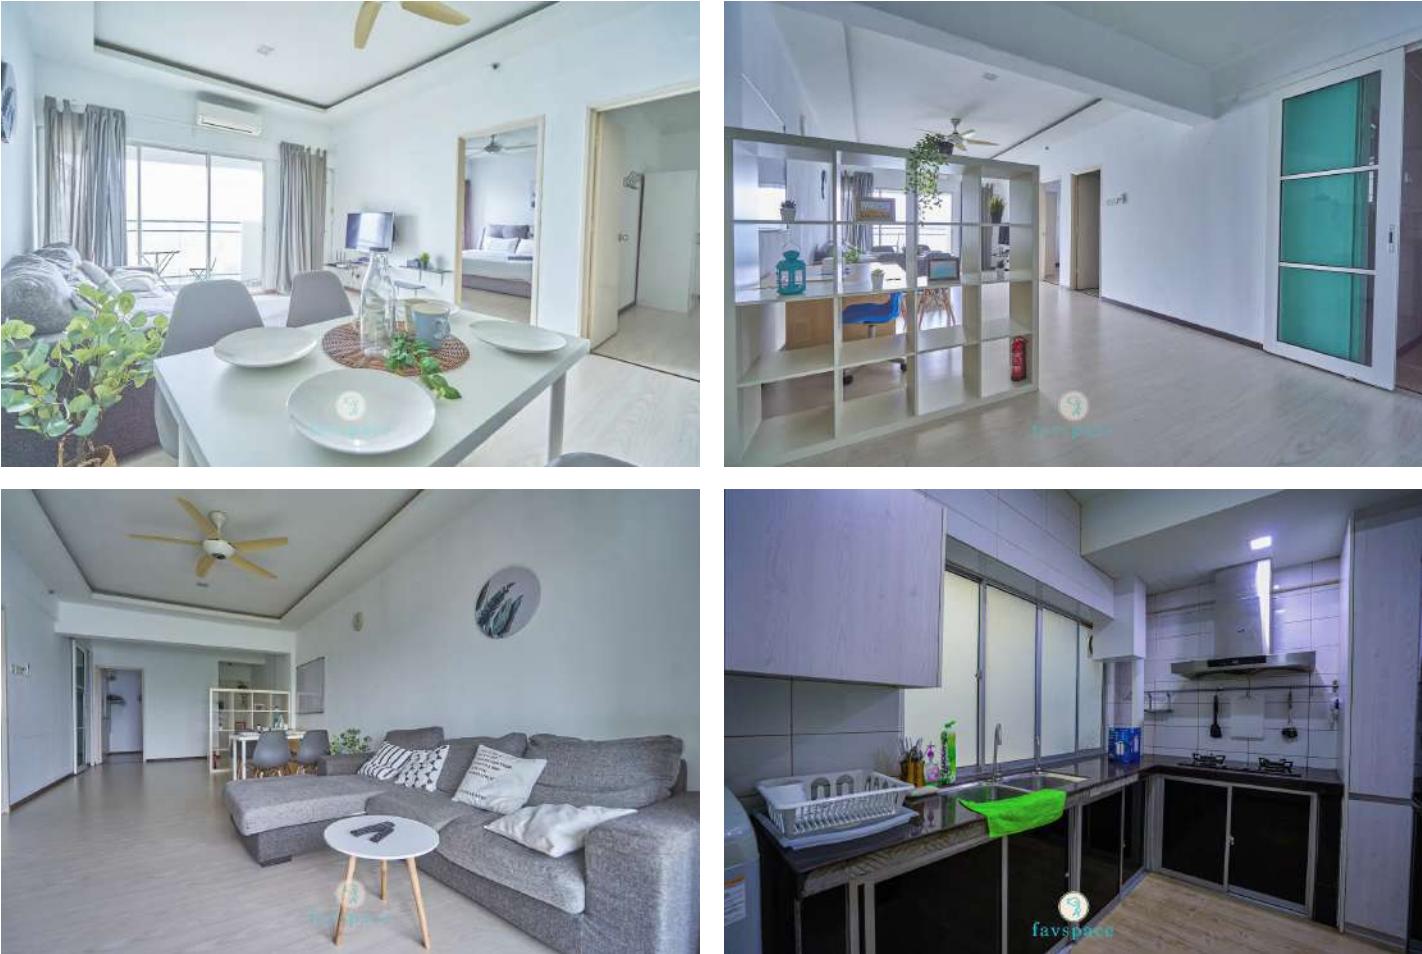 interior shots of a condominium unit